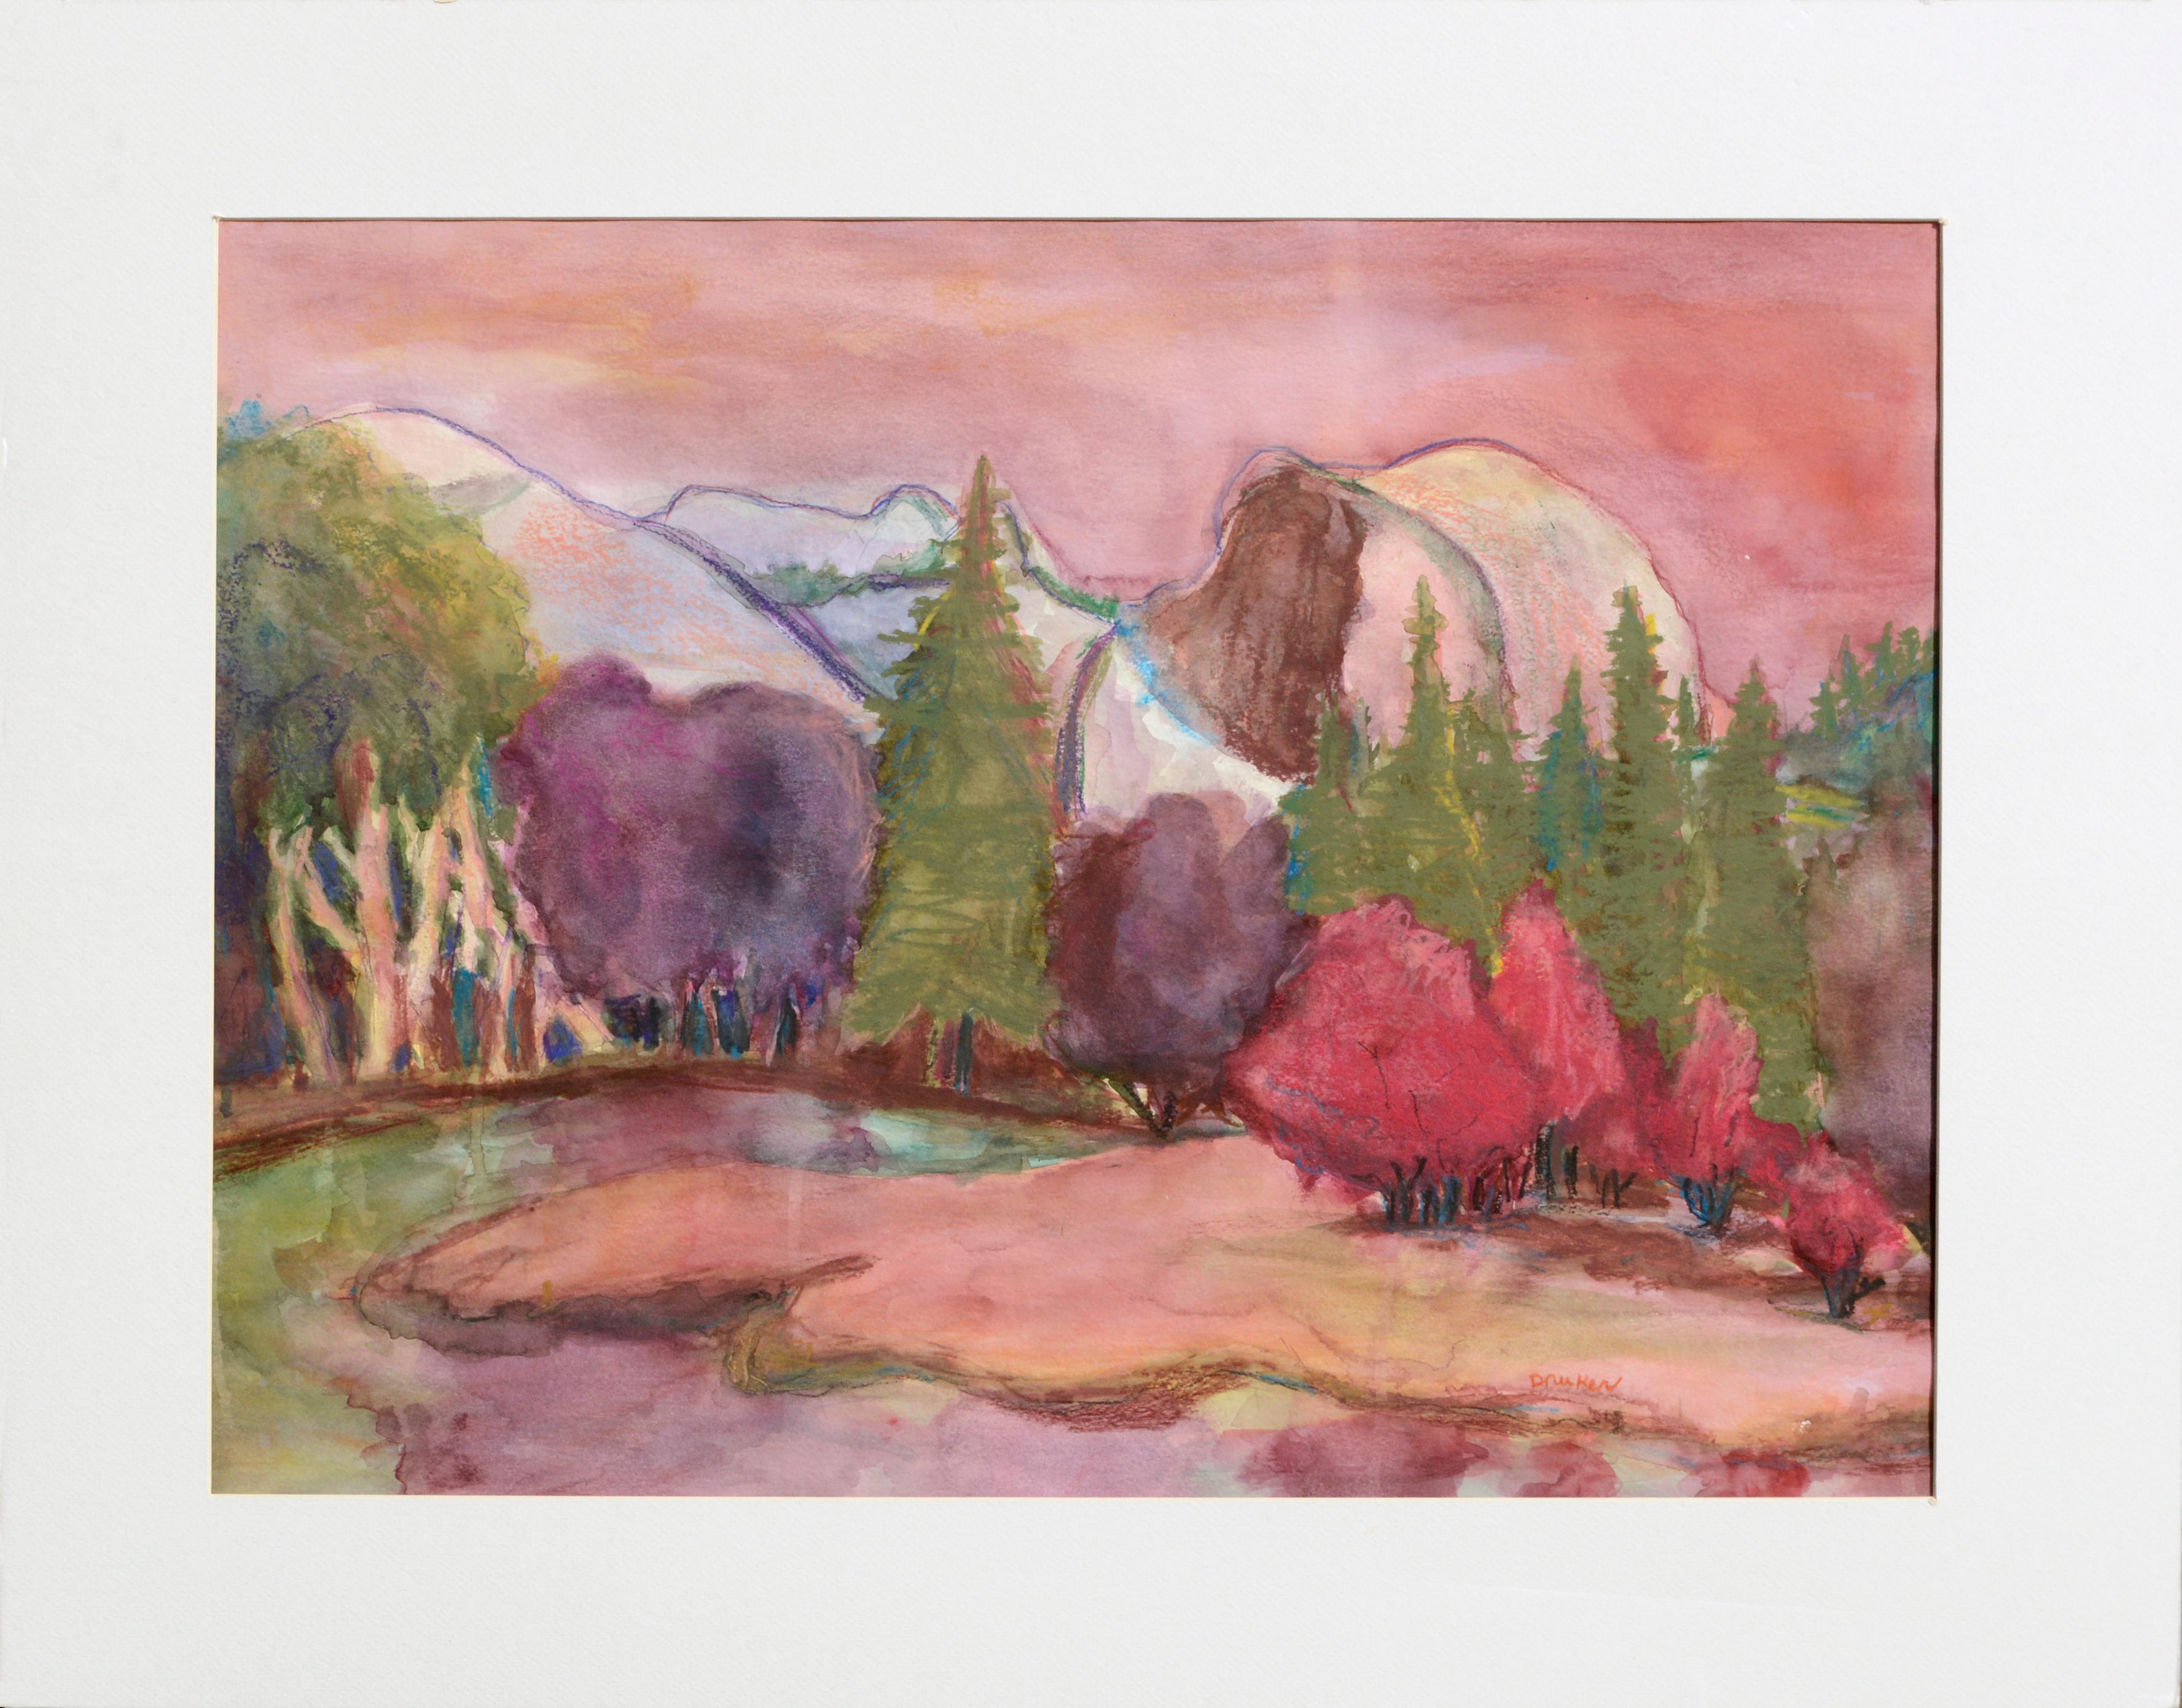 Yosemite Half Dome in Pastel Colors - Landscape